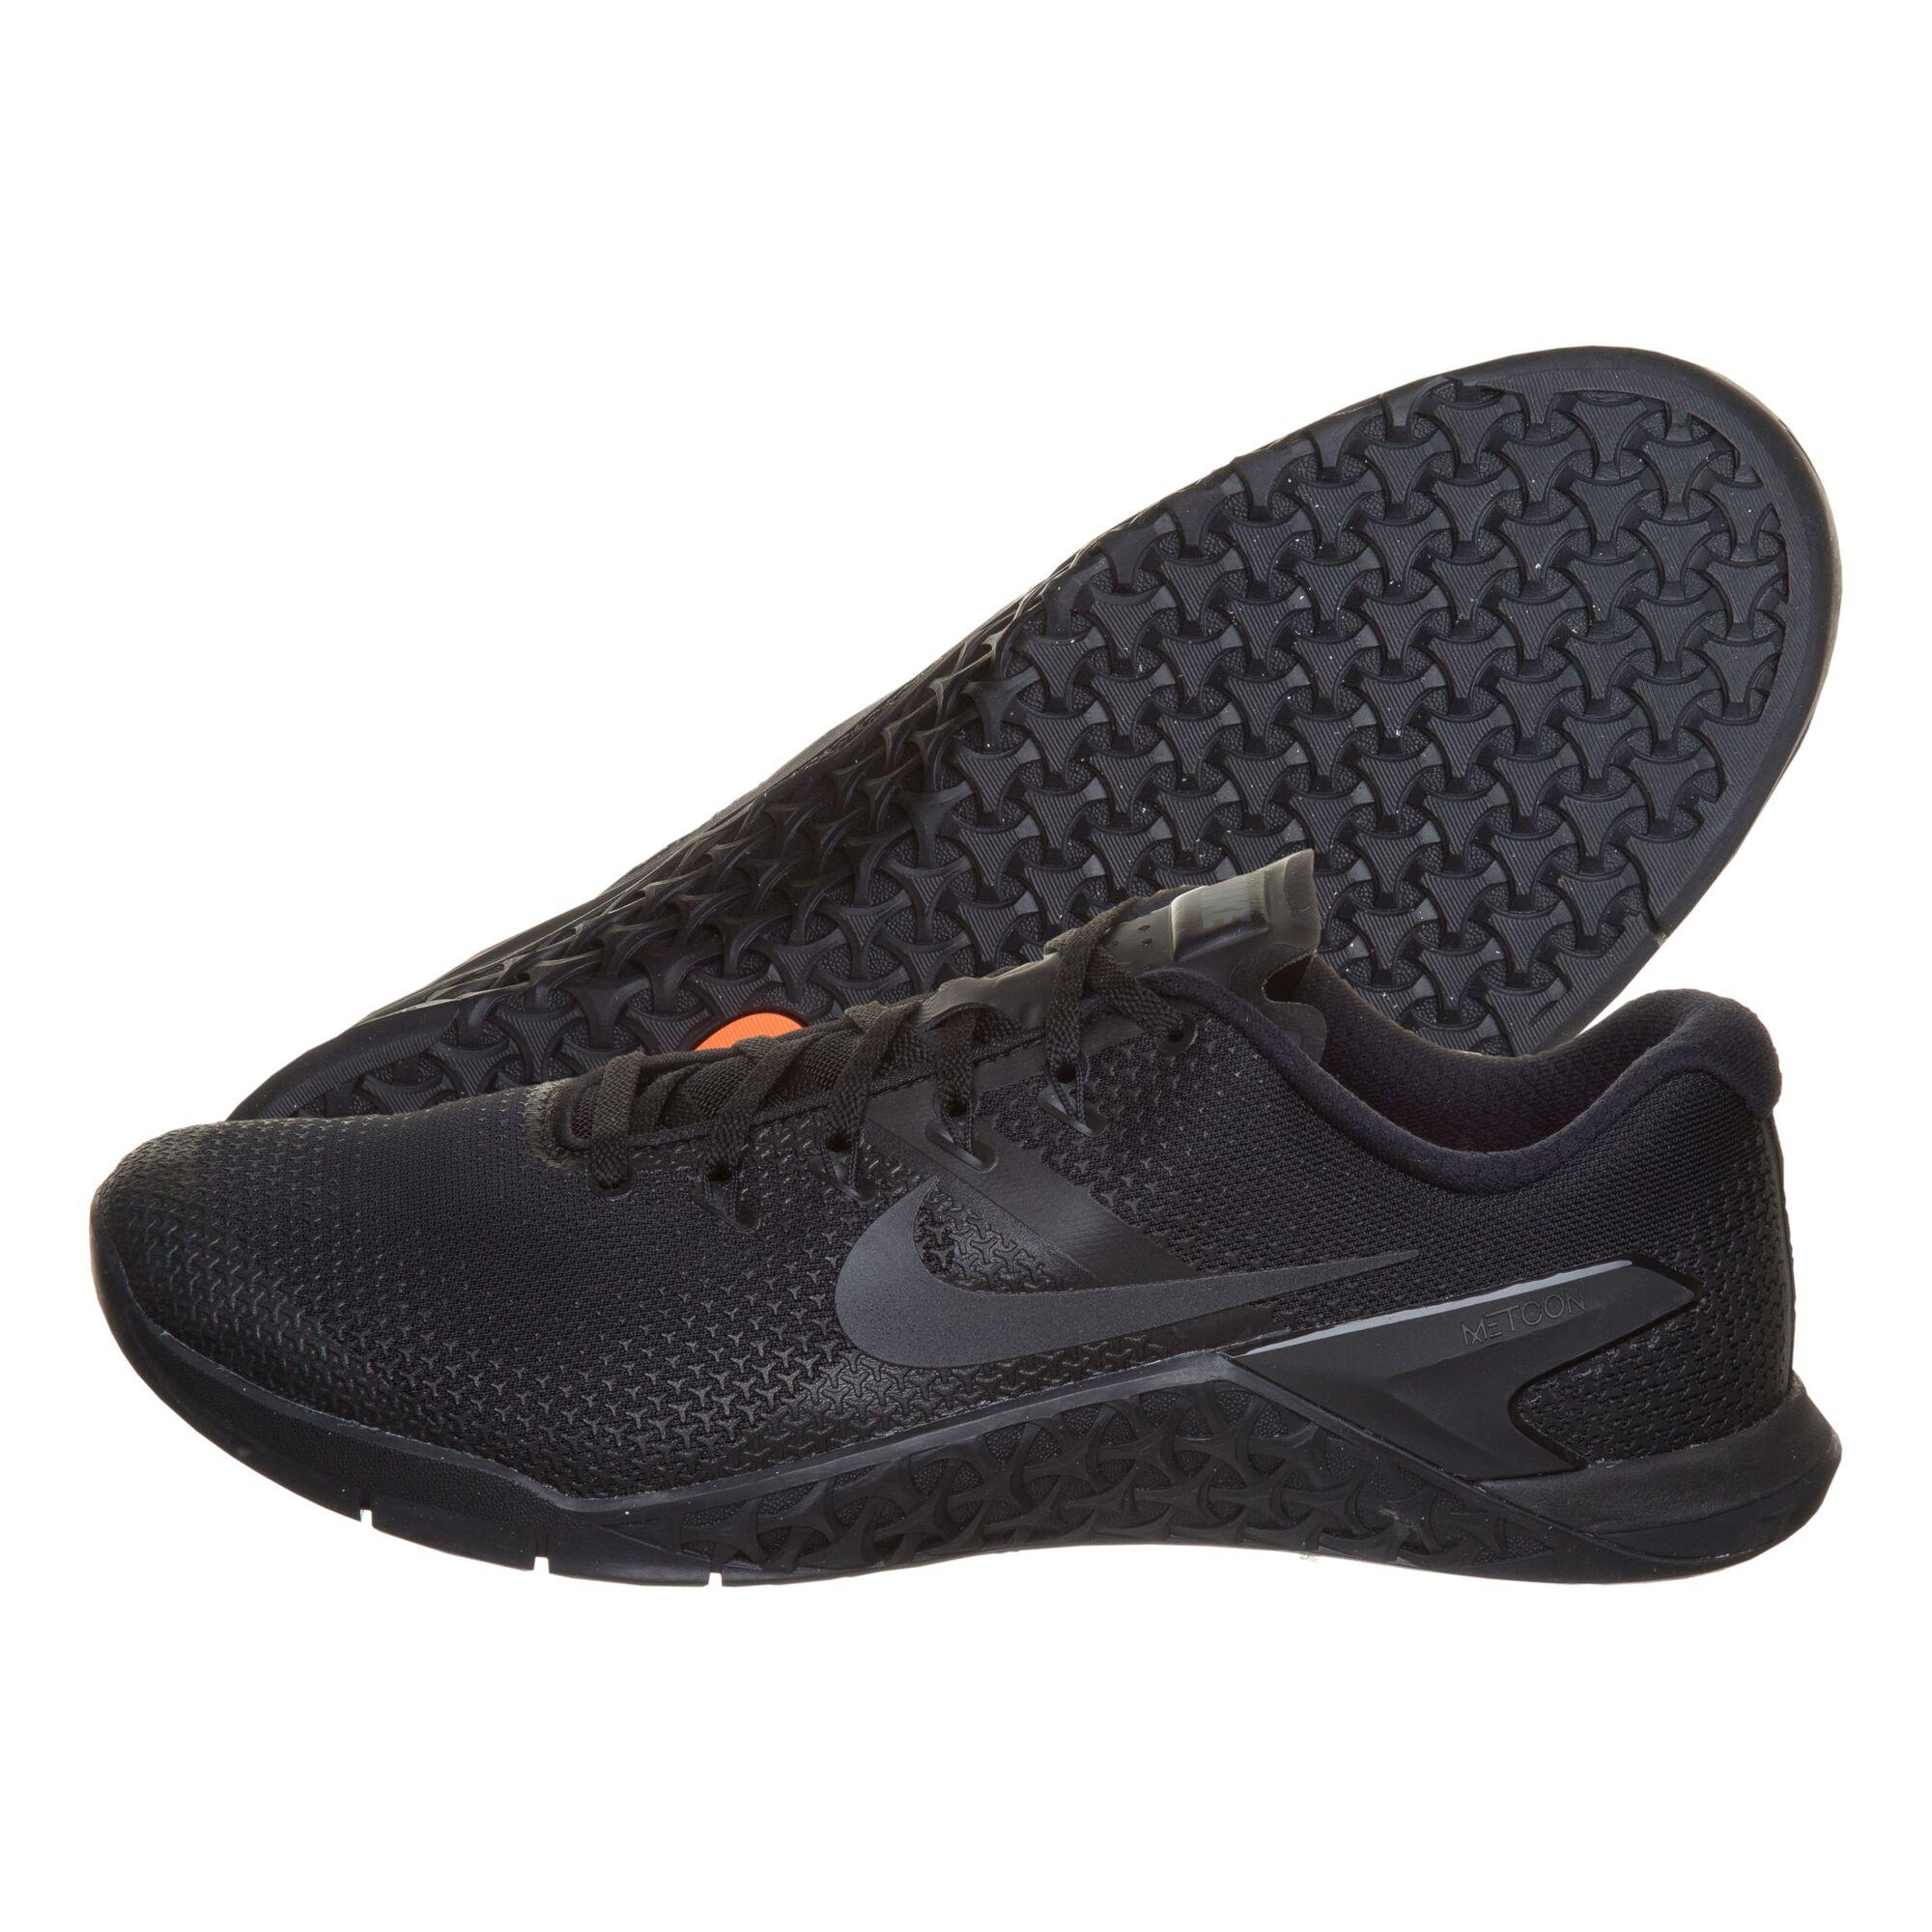 6374117fbd39 buy Nike Metcon 4 Natural Running Shoe Men - Black